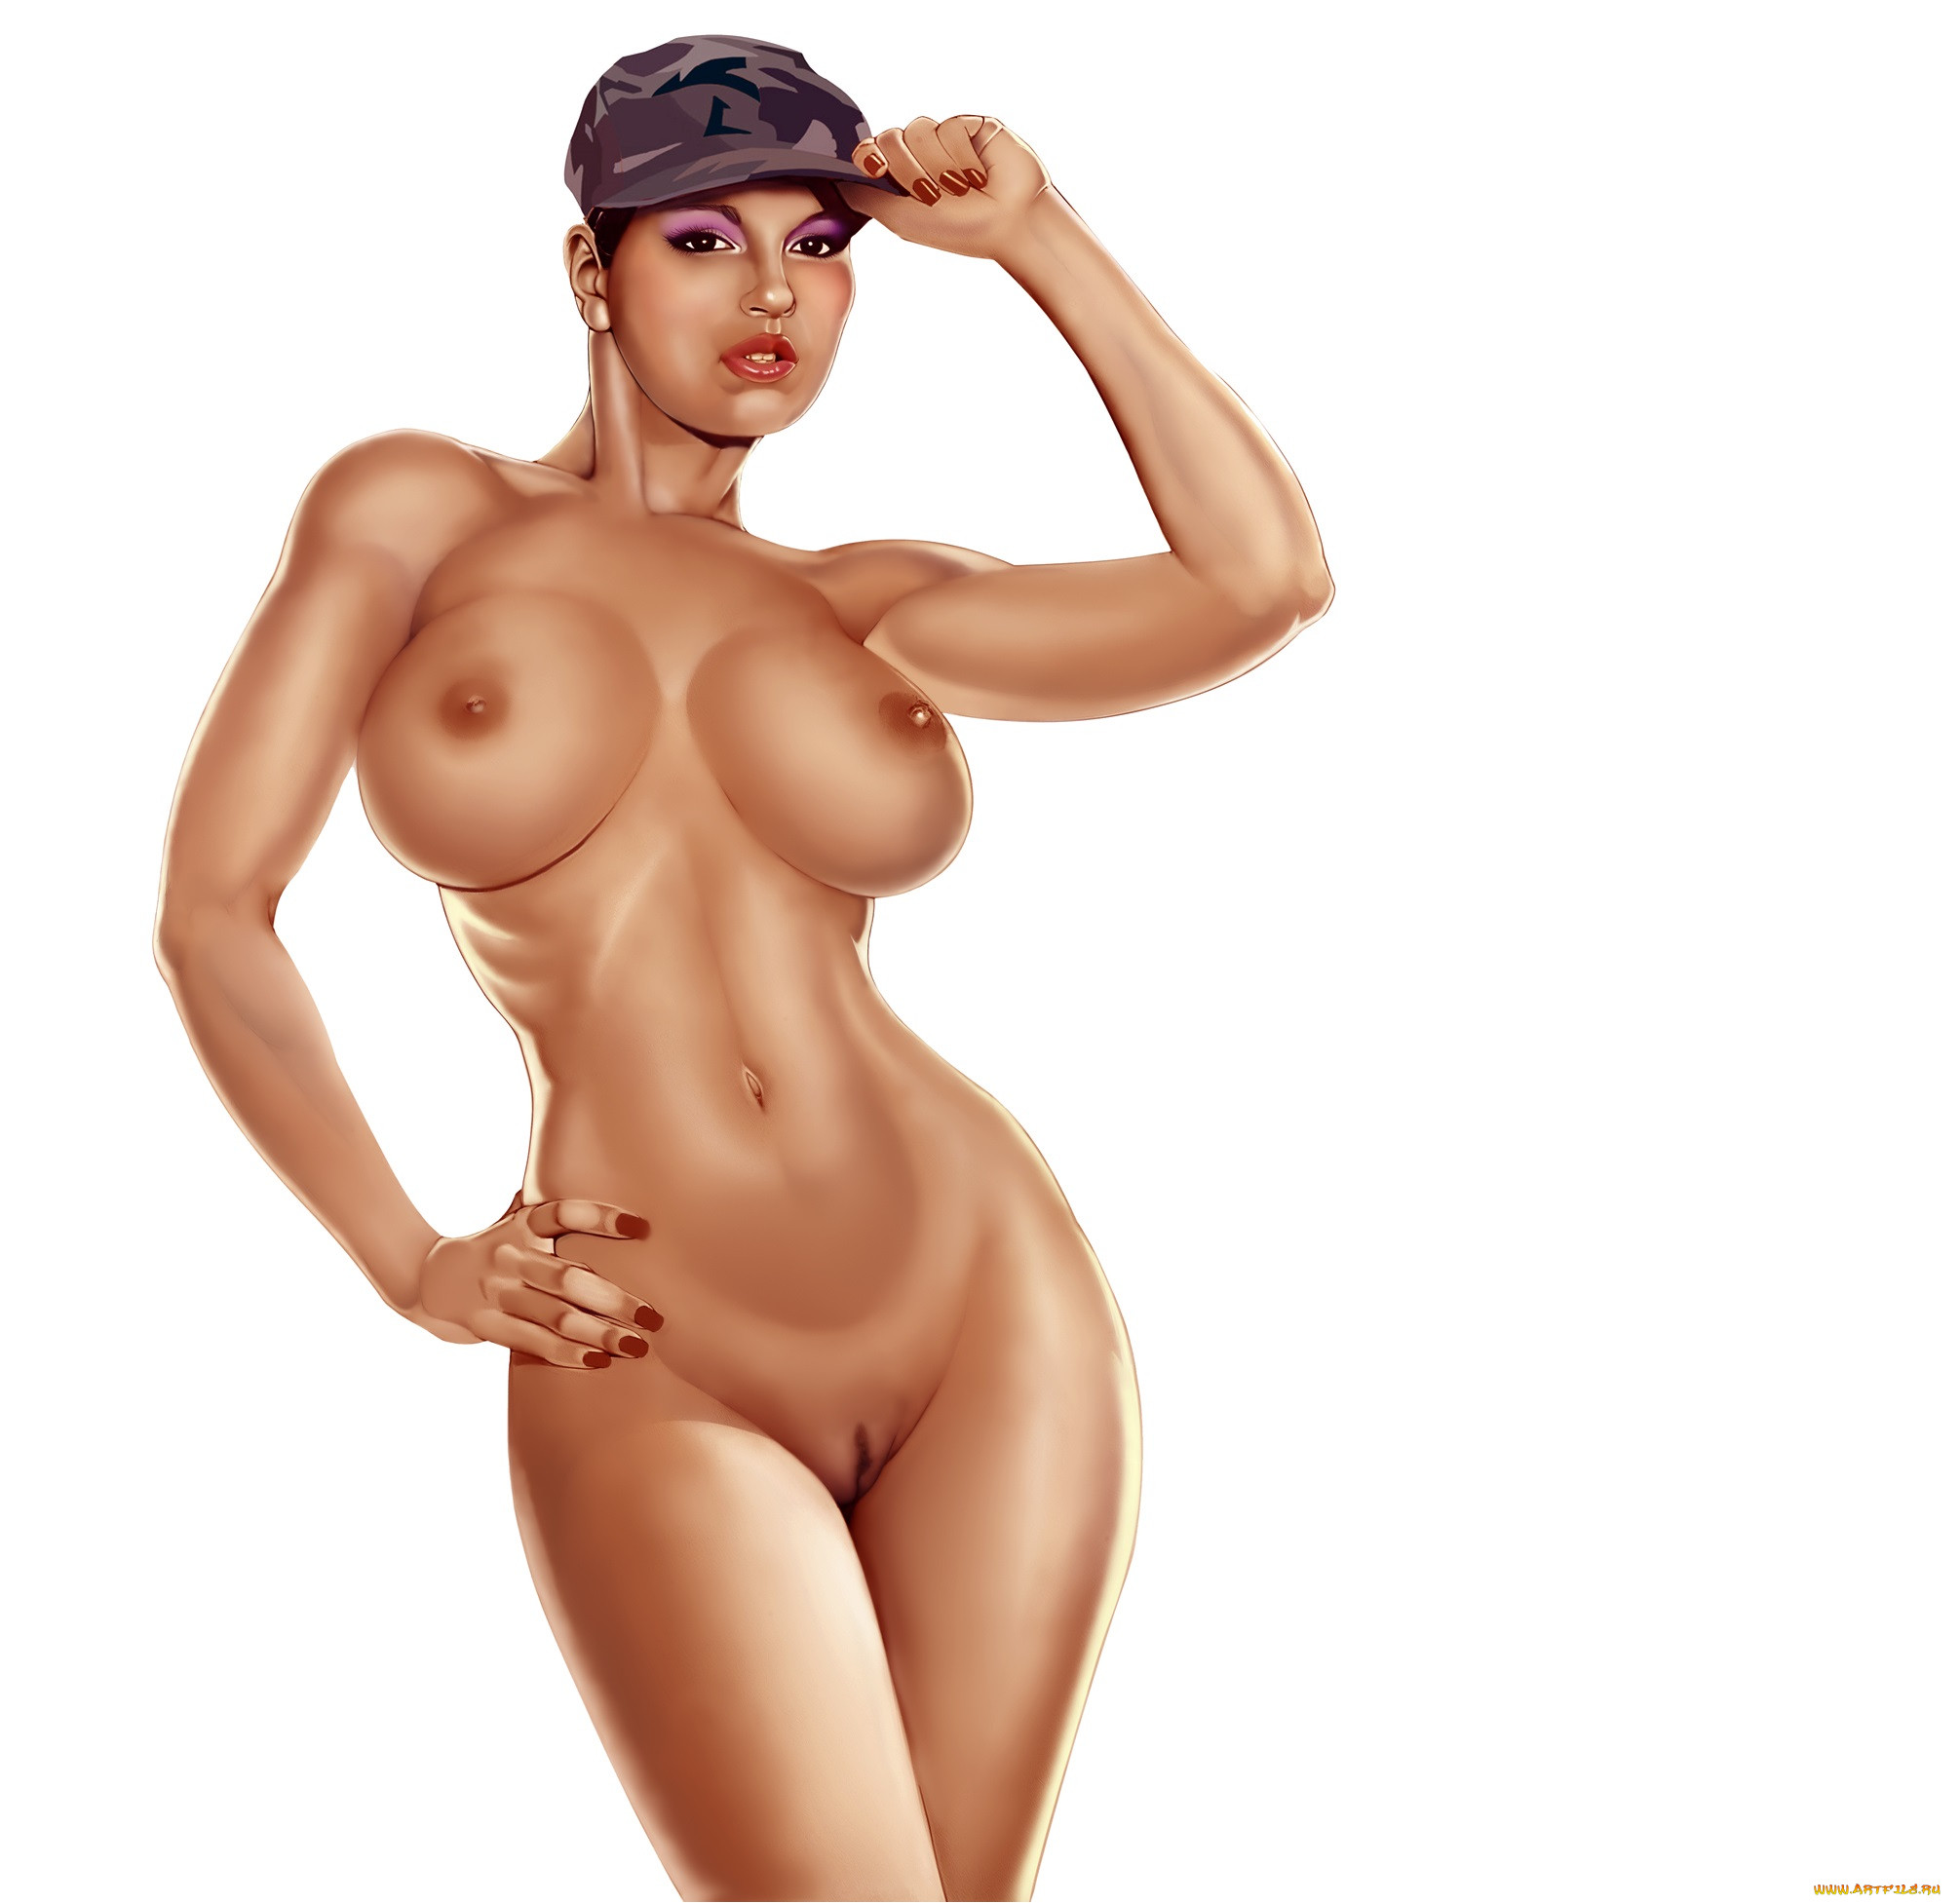 Рисованные эротические женщины 14 фотография